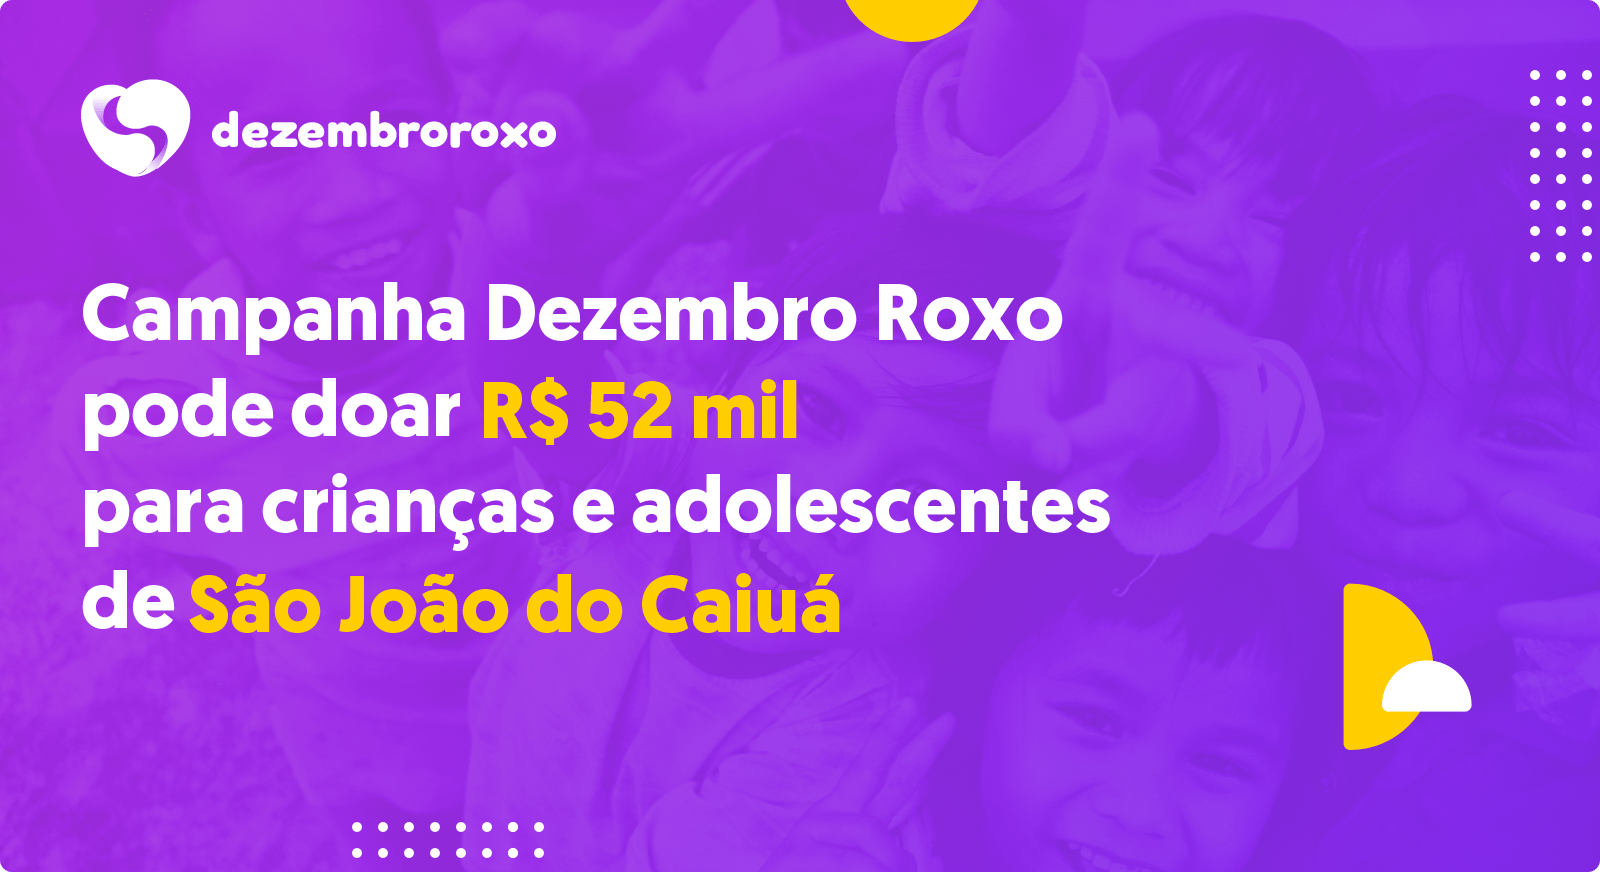 Doações em São João do Caiuá - PR